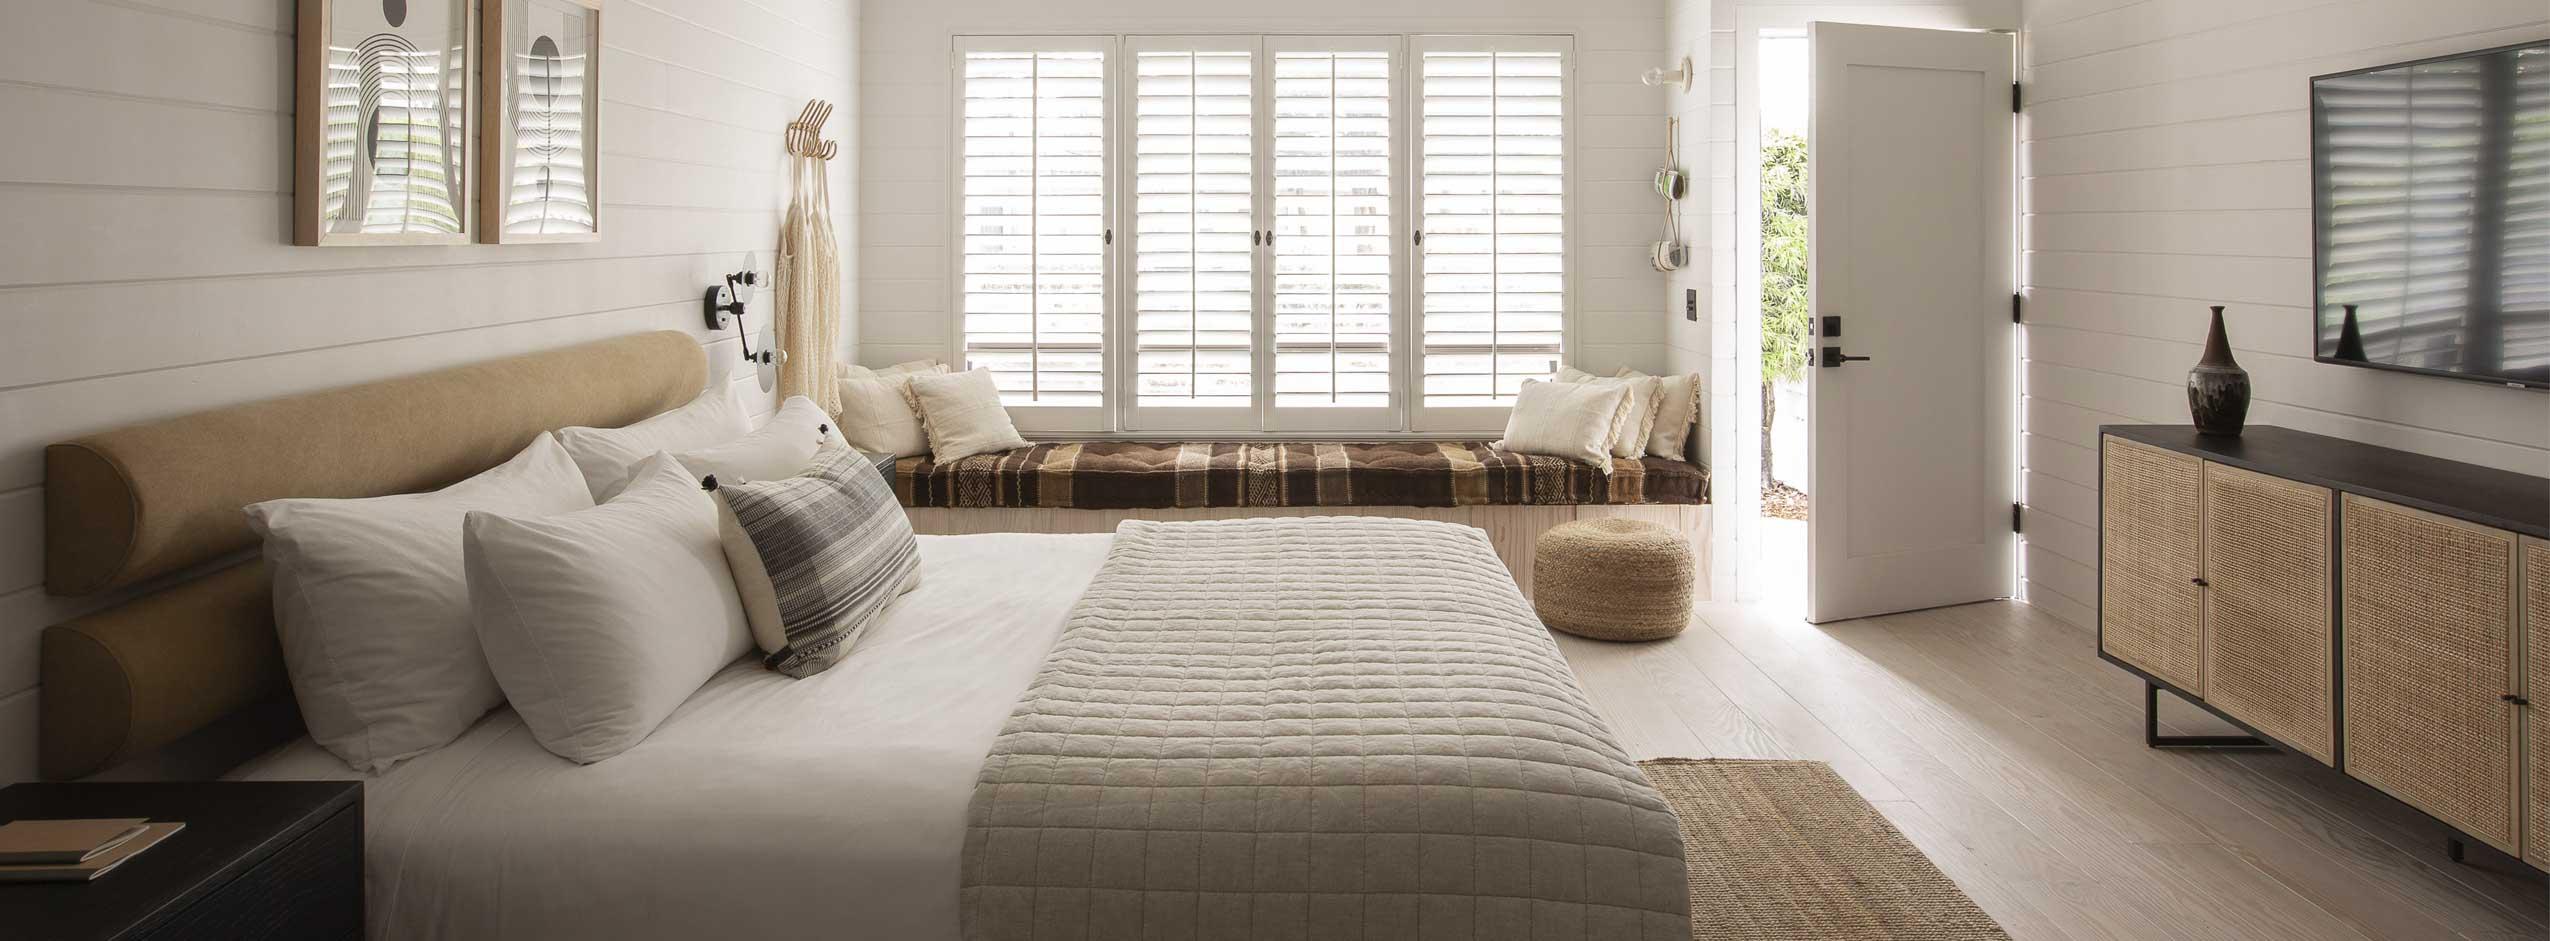 king bed, dresser, television